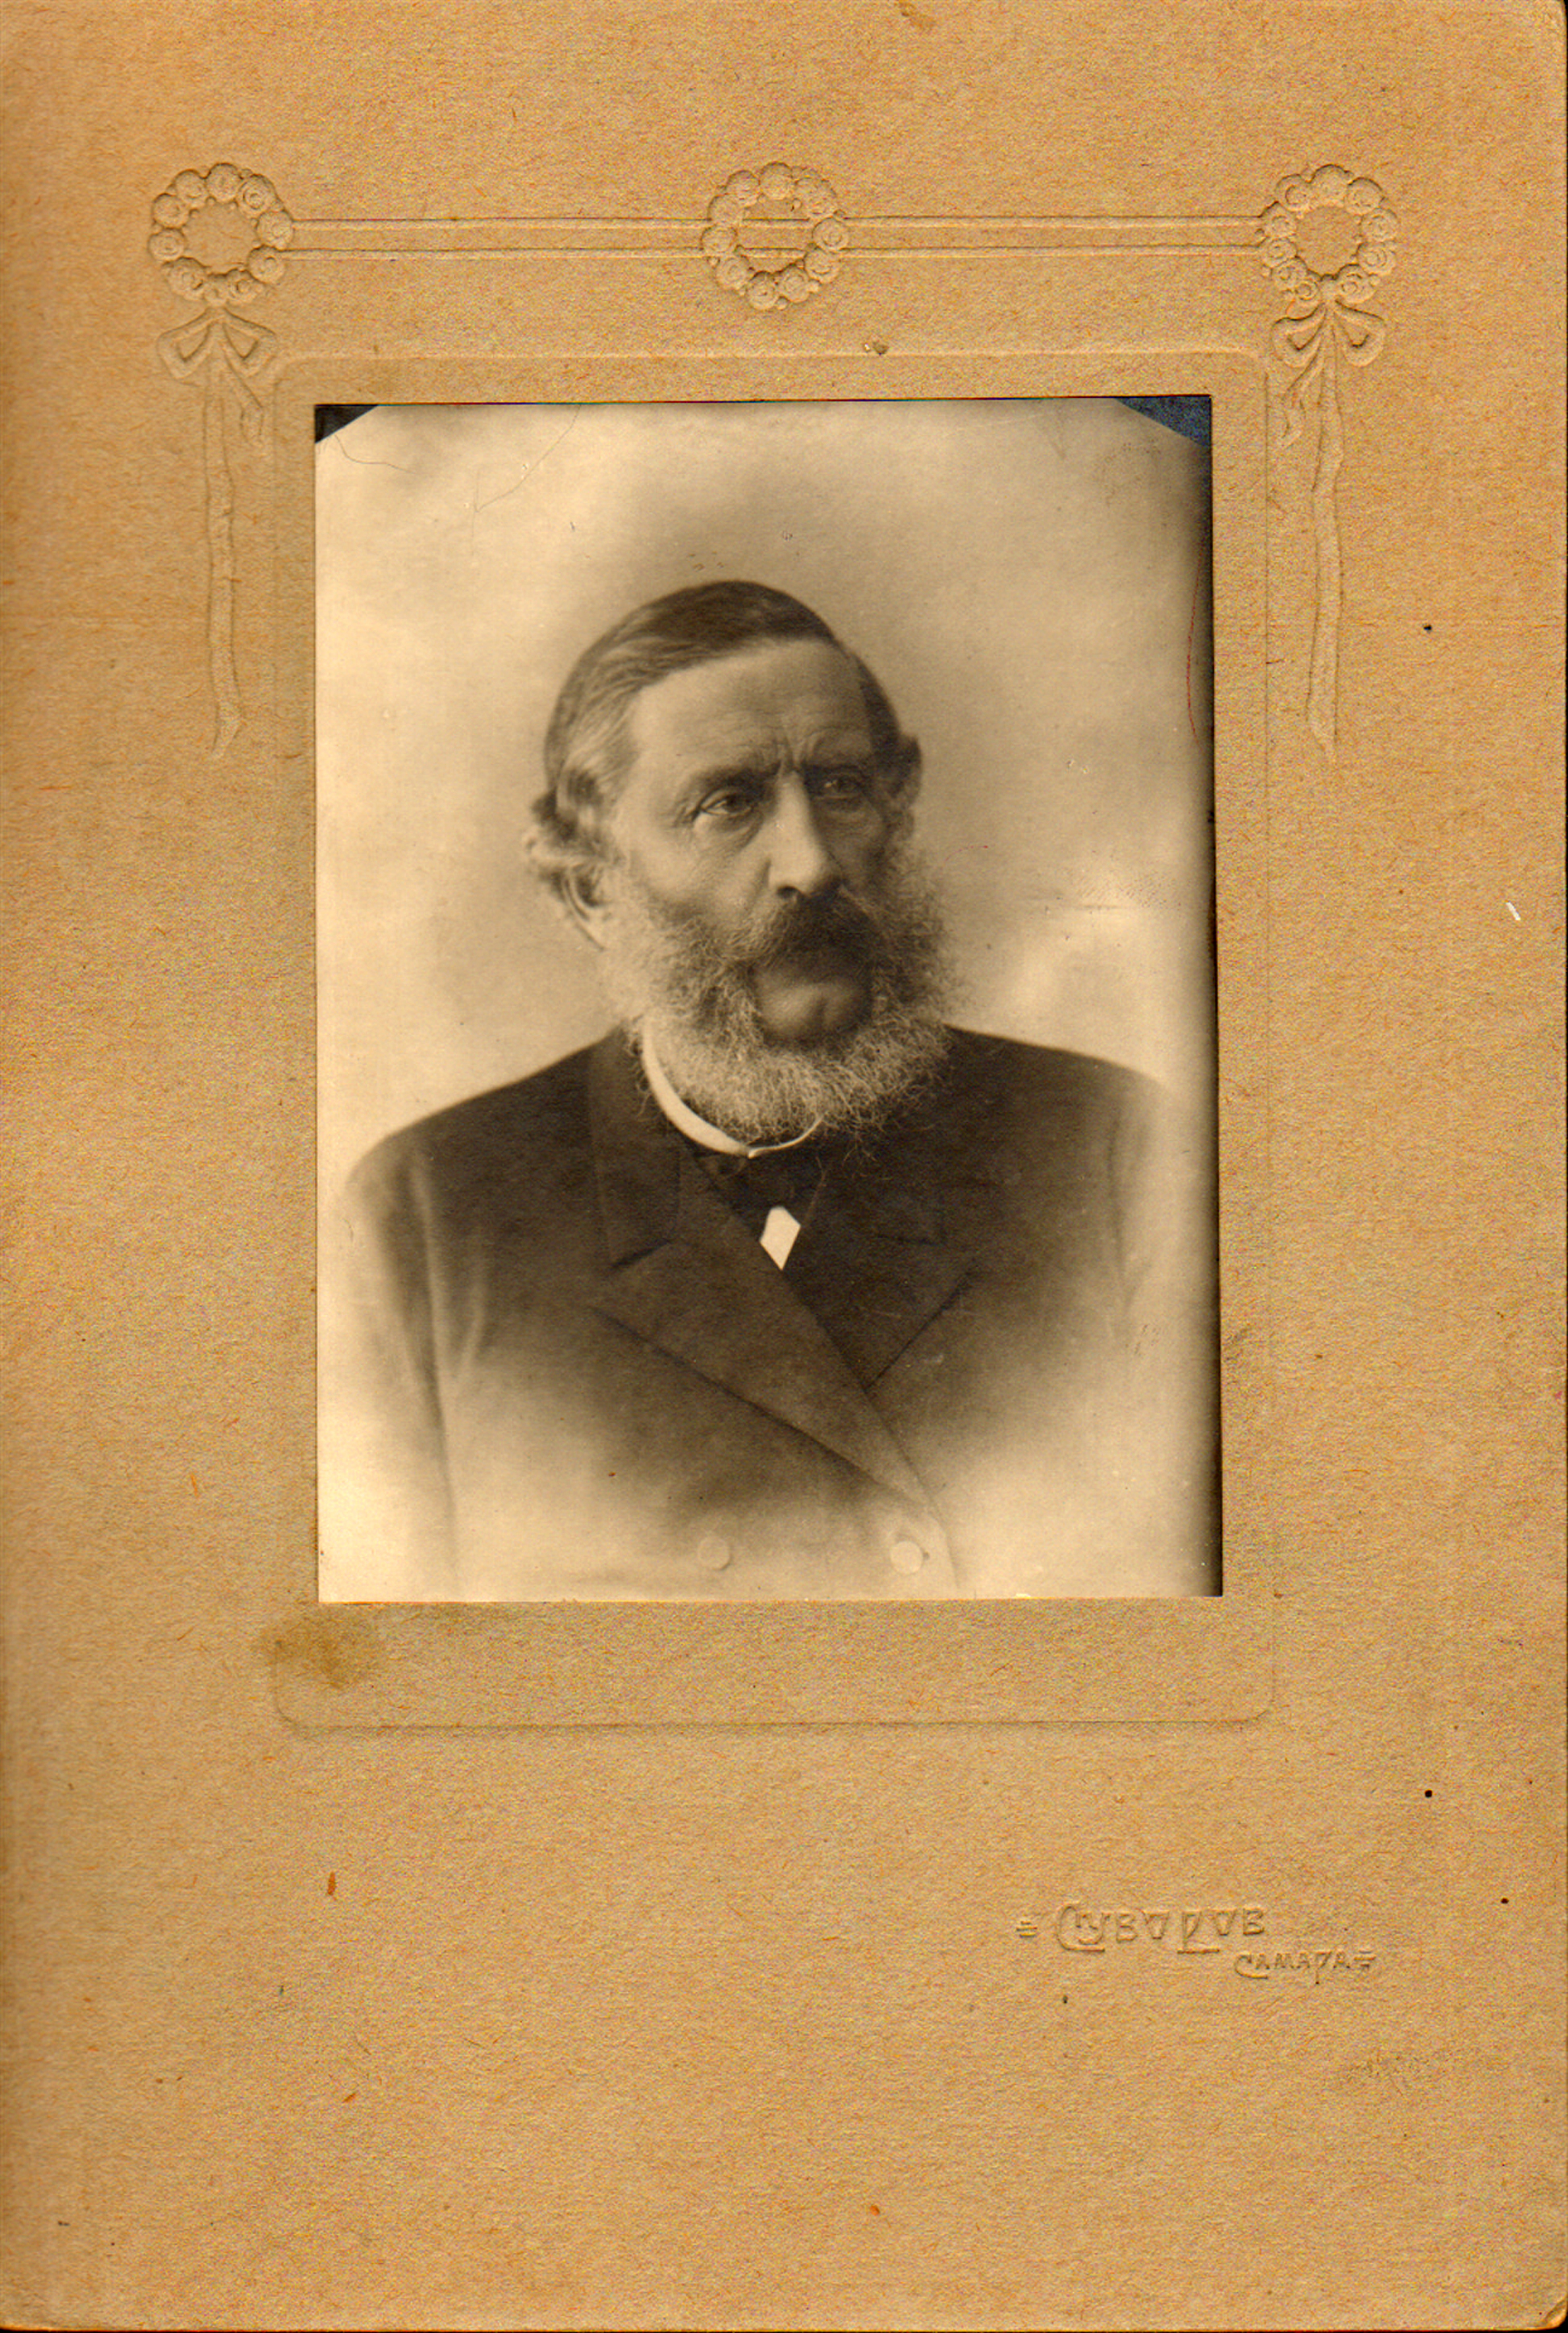 Анненков Владимир Иванович - председатель Самарского окружного суда. 1895